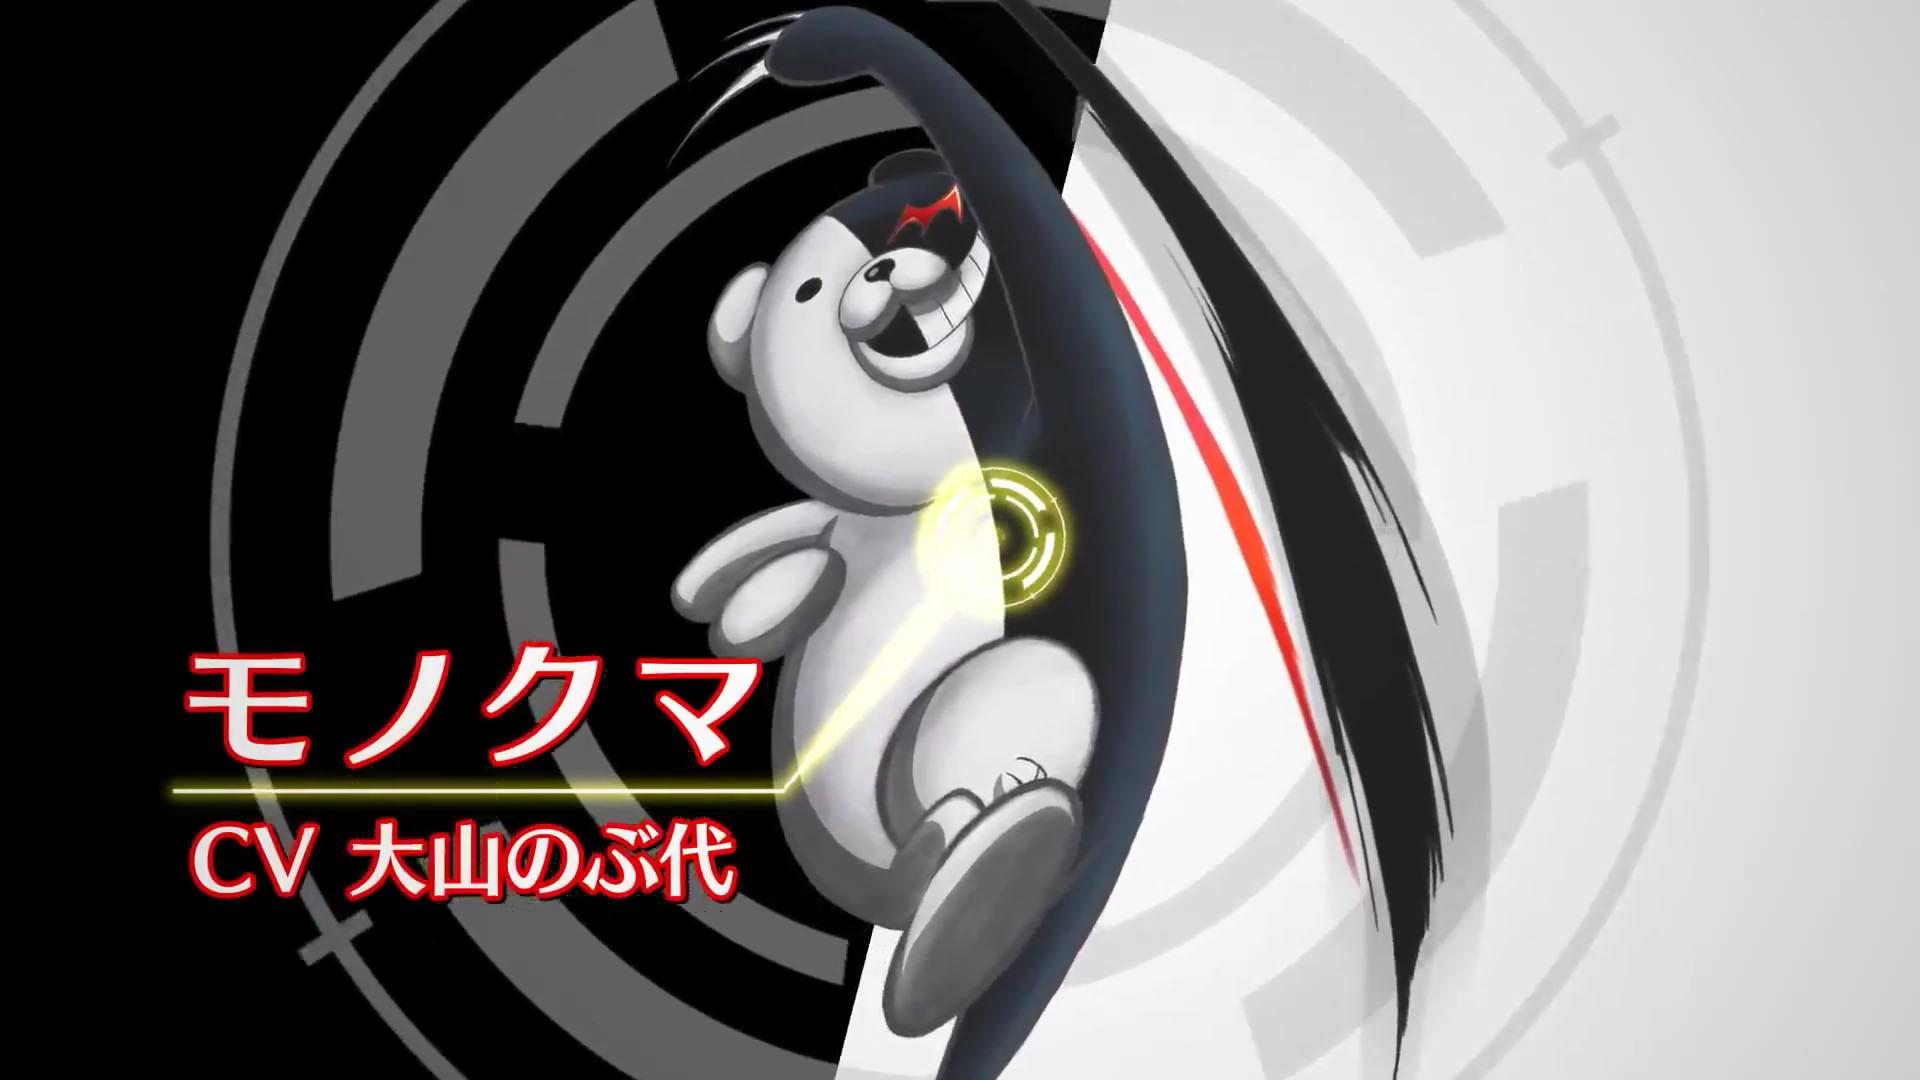 TVアニメ「ダンガンロンパ」